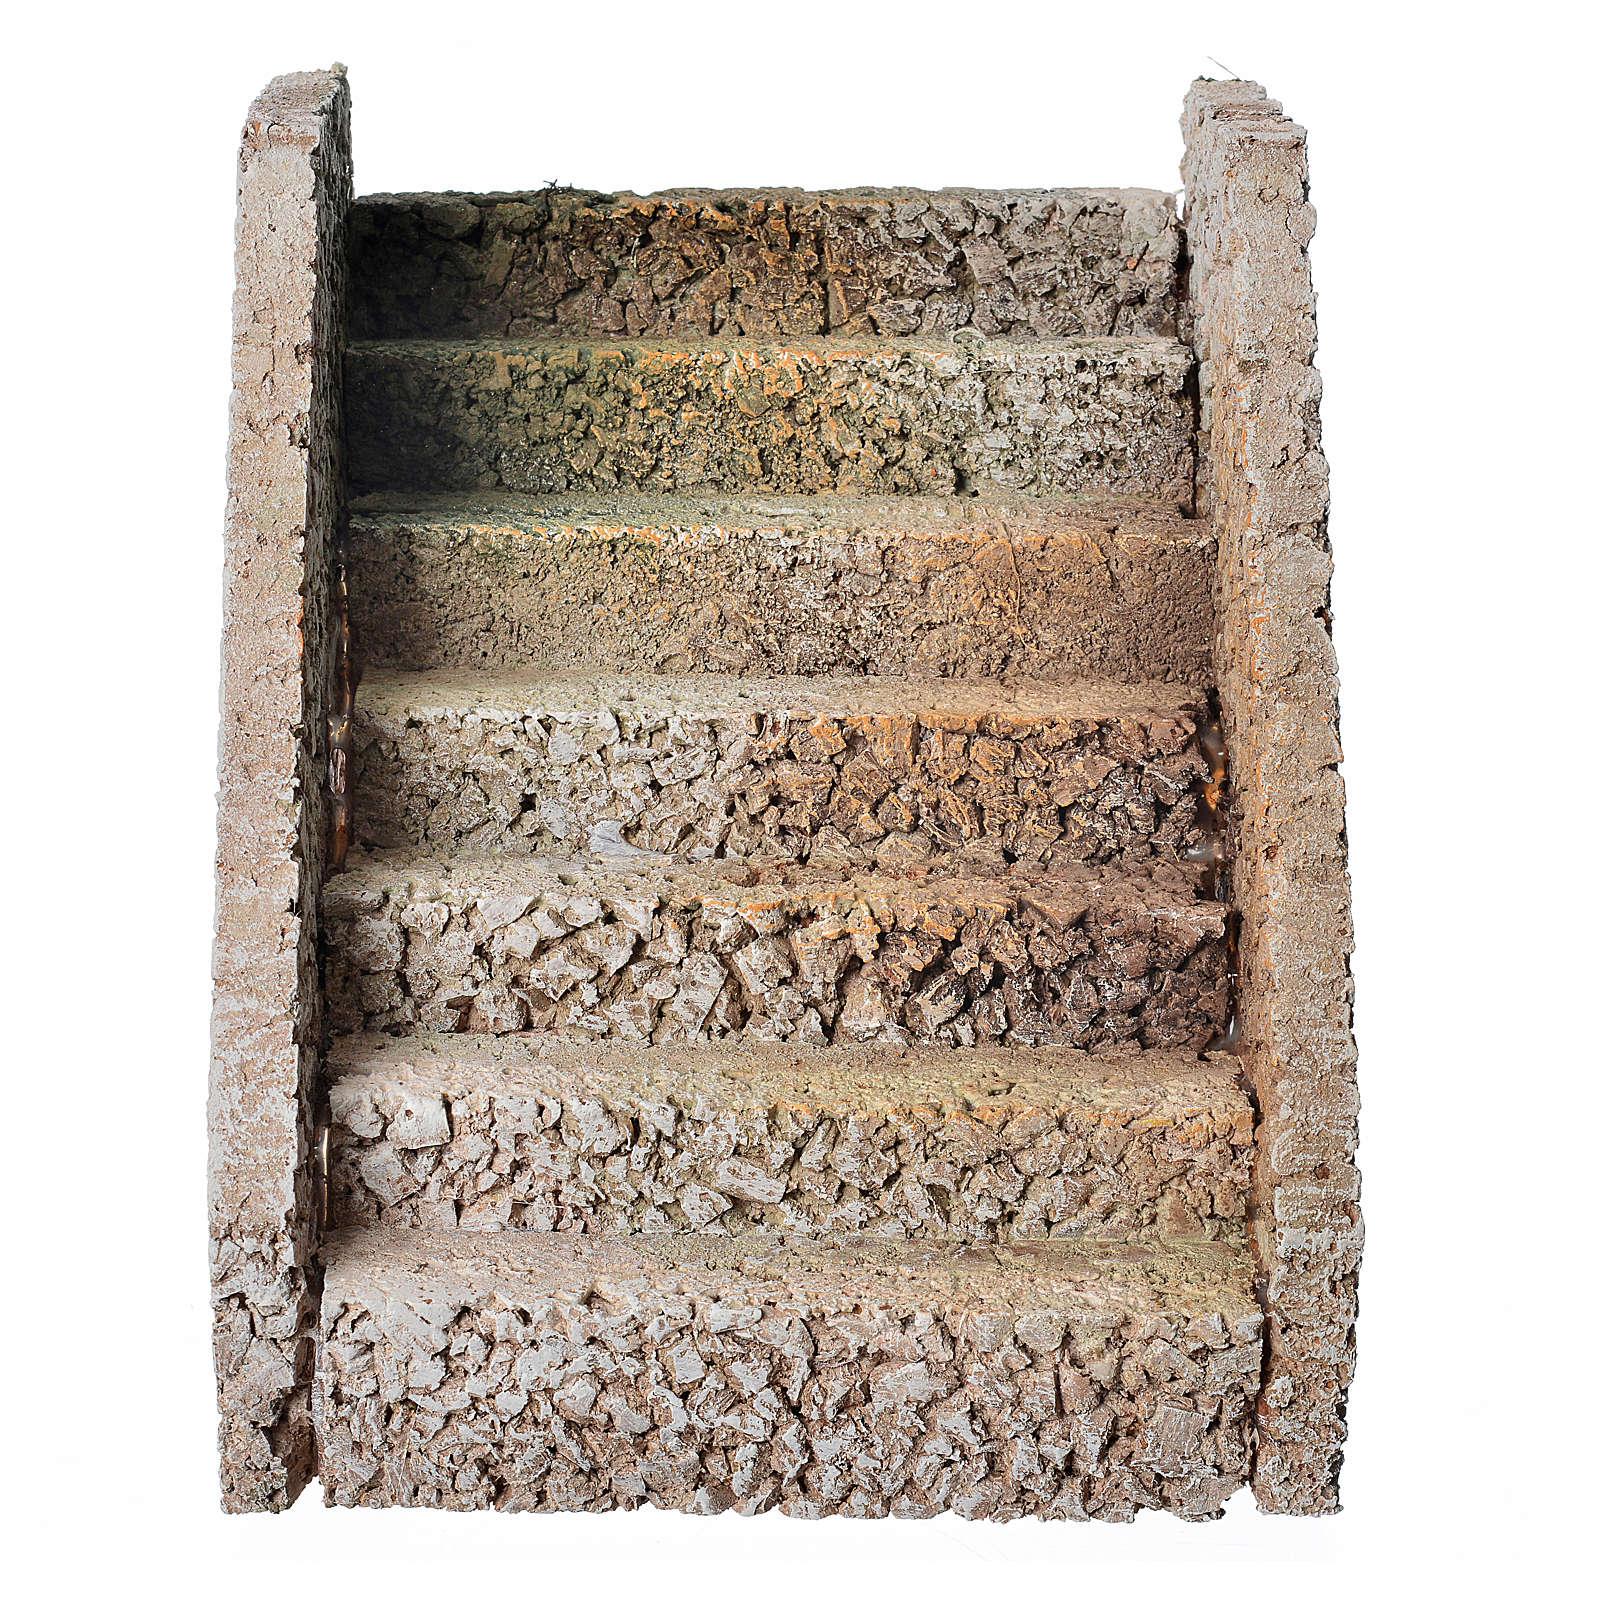 Escalera para belén estilo árabe en corcho 4